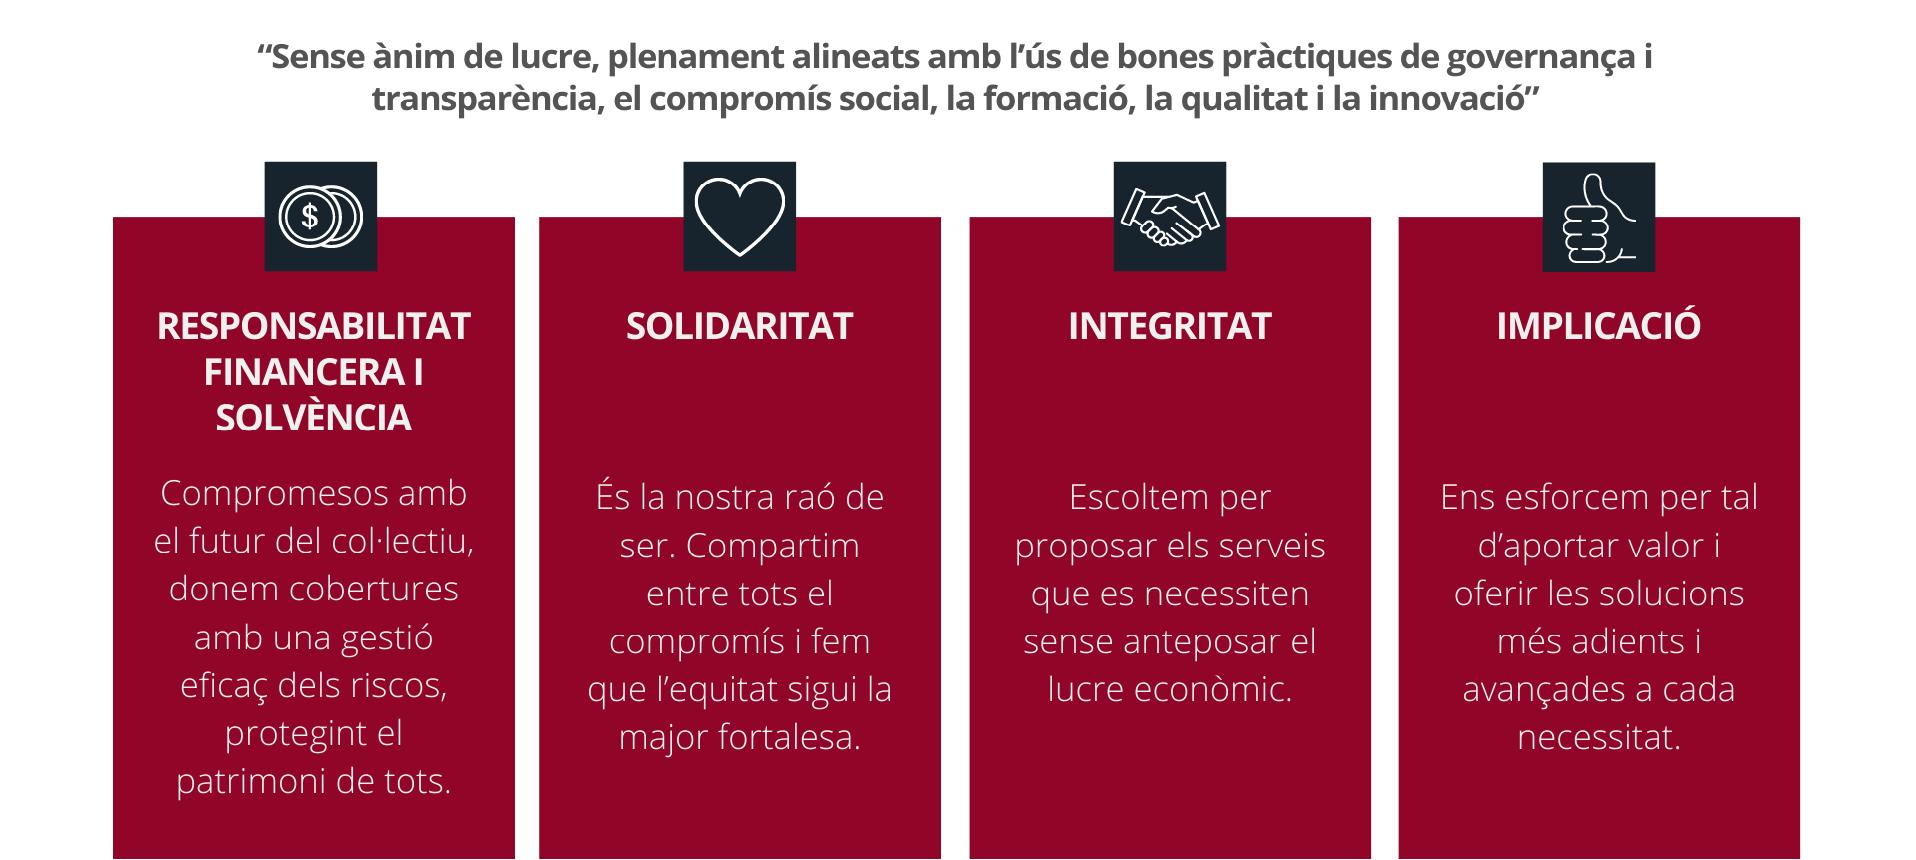 MicrosoftTeams-image (1)